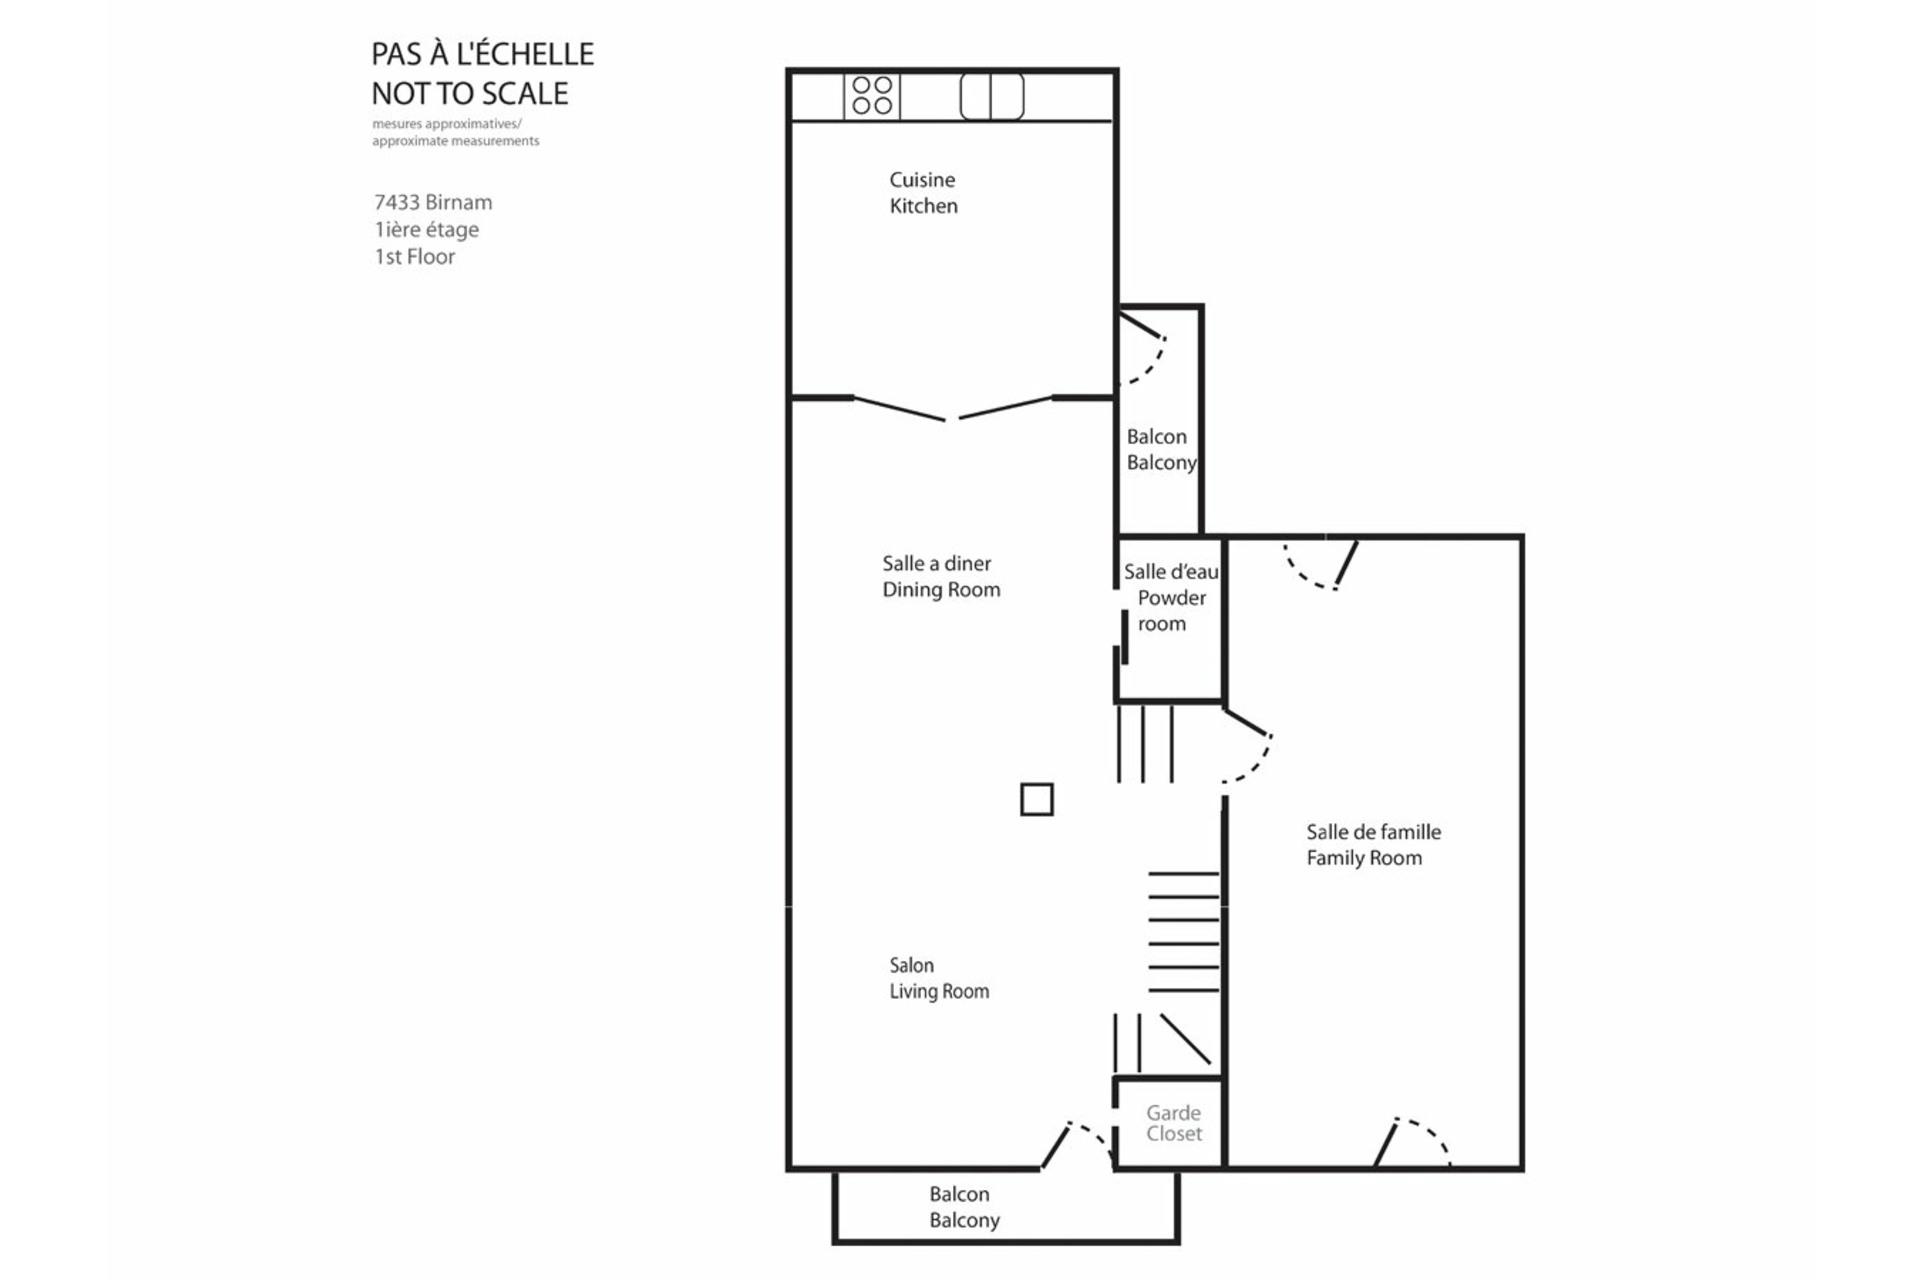 image 23 - Maison À vendre Villeray/Saint-Michel/Parc-Extension Montréal  - 9 pièces